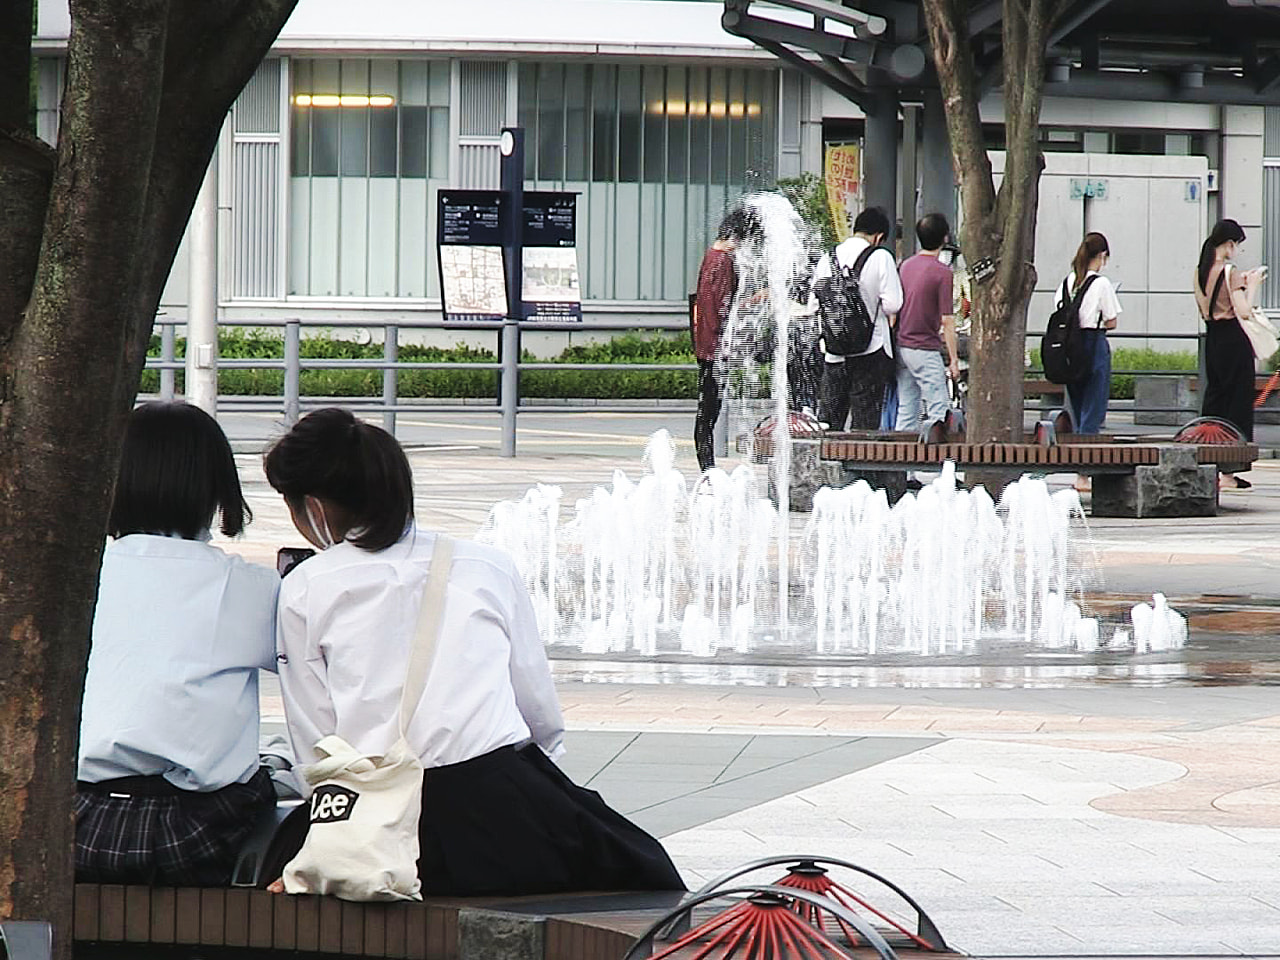 岐阜県内は20日も厳しい暑さが続き、美濃市で最高気温が2日続けて36度を超えるな...